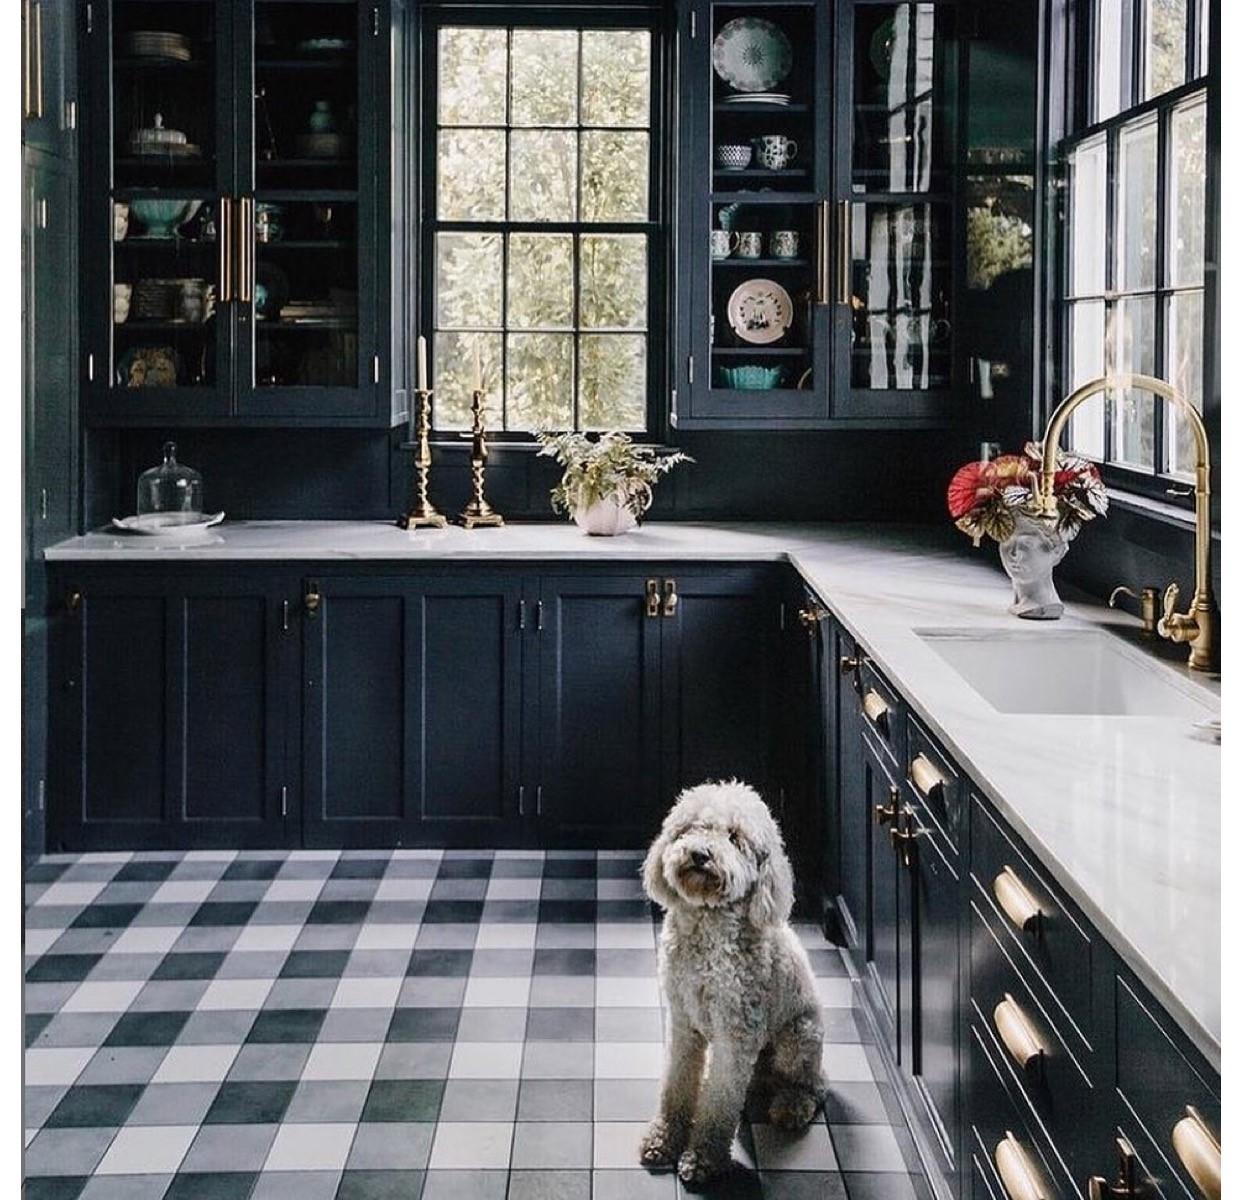 Chester Plaid Kitchen